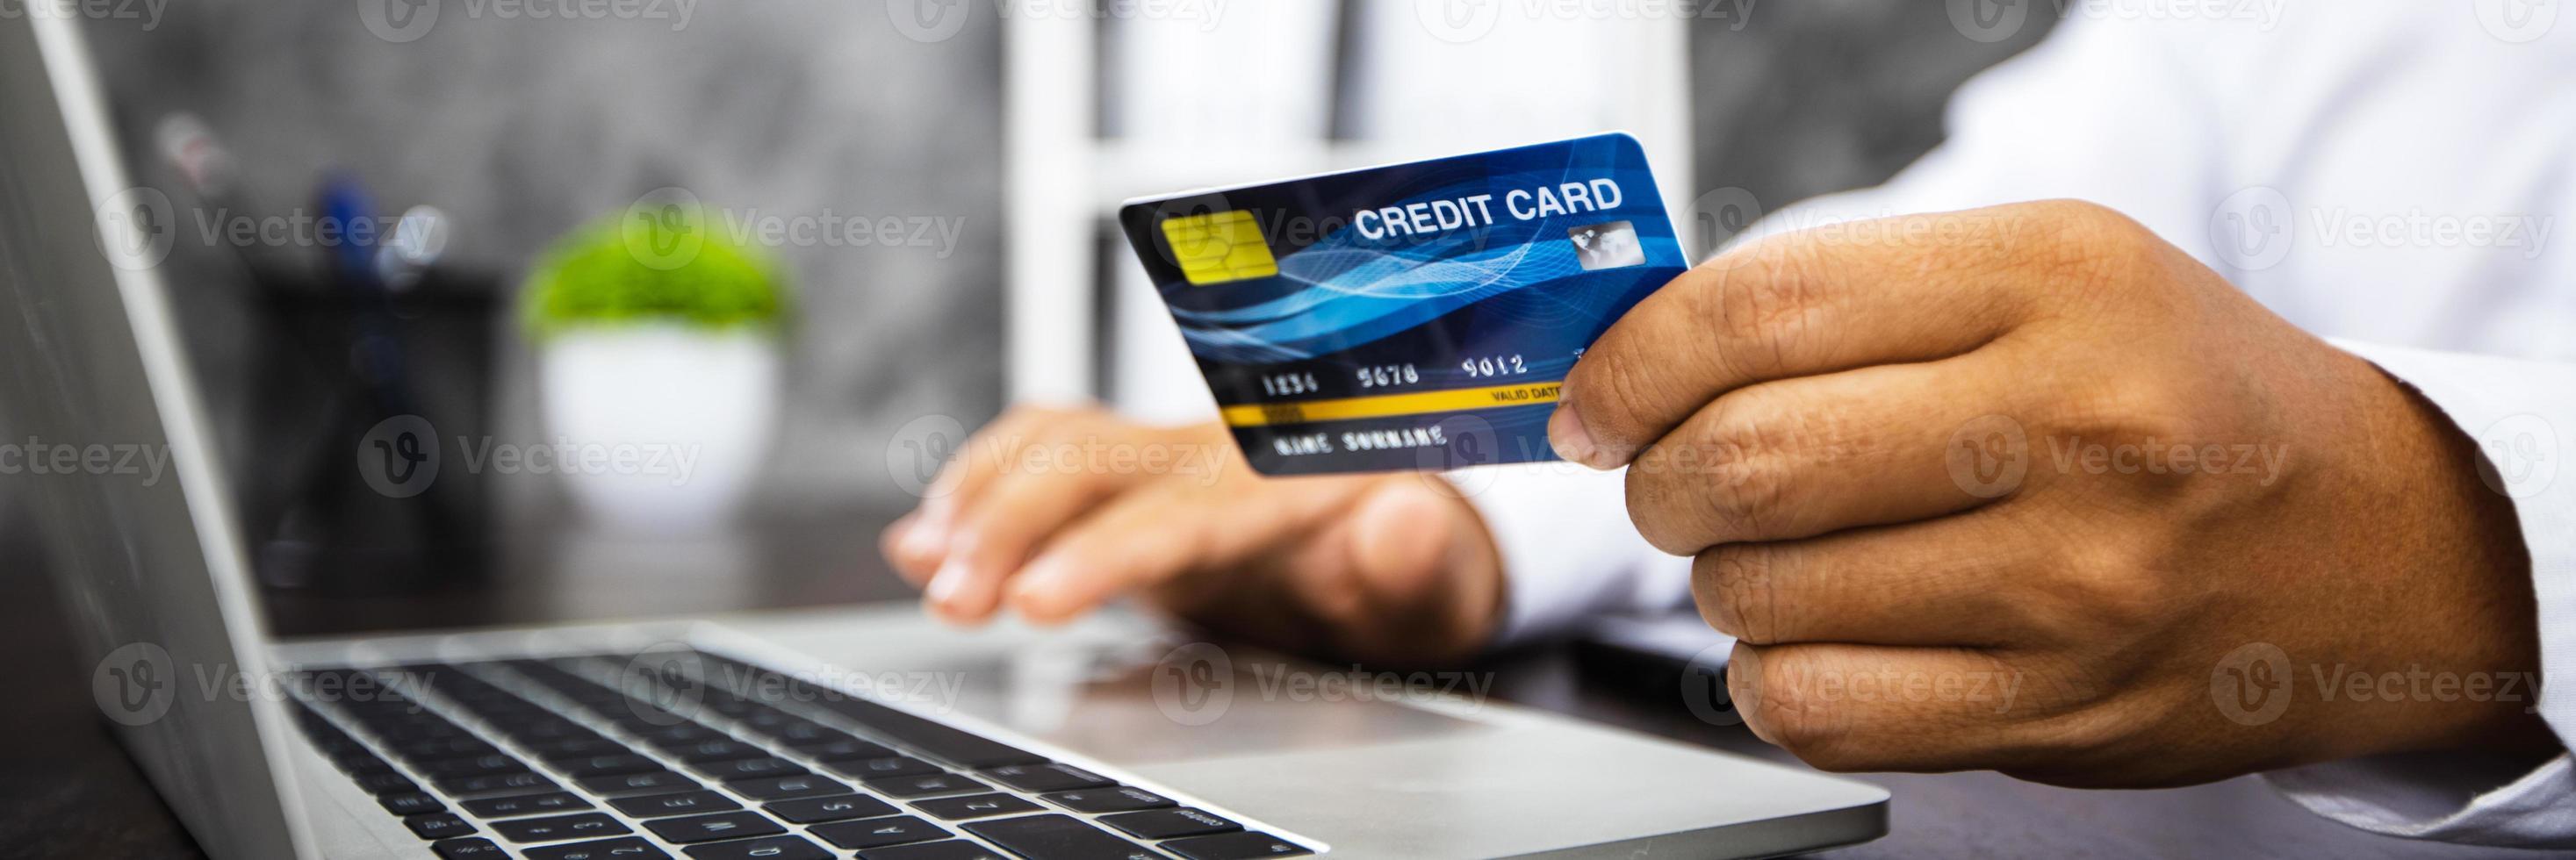 närbild hand av mannen håller kreditkort och arbetar på bärbar dator foto